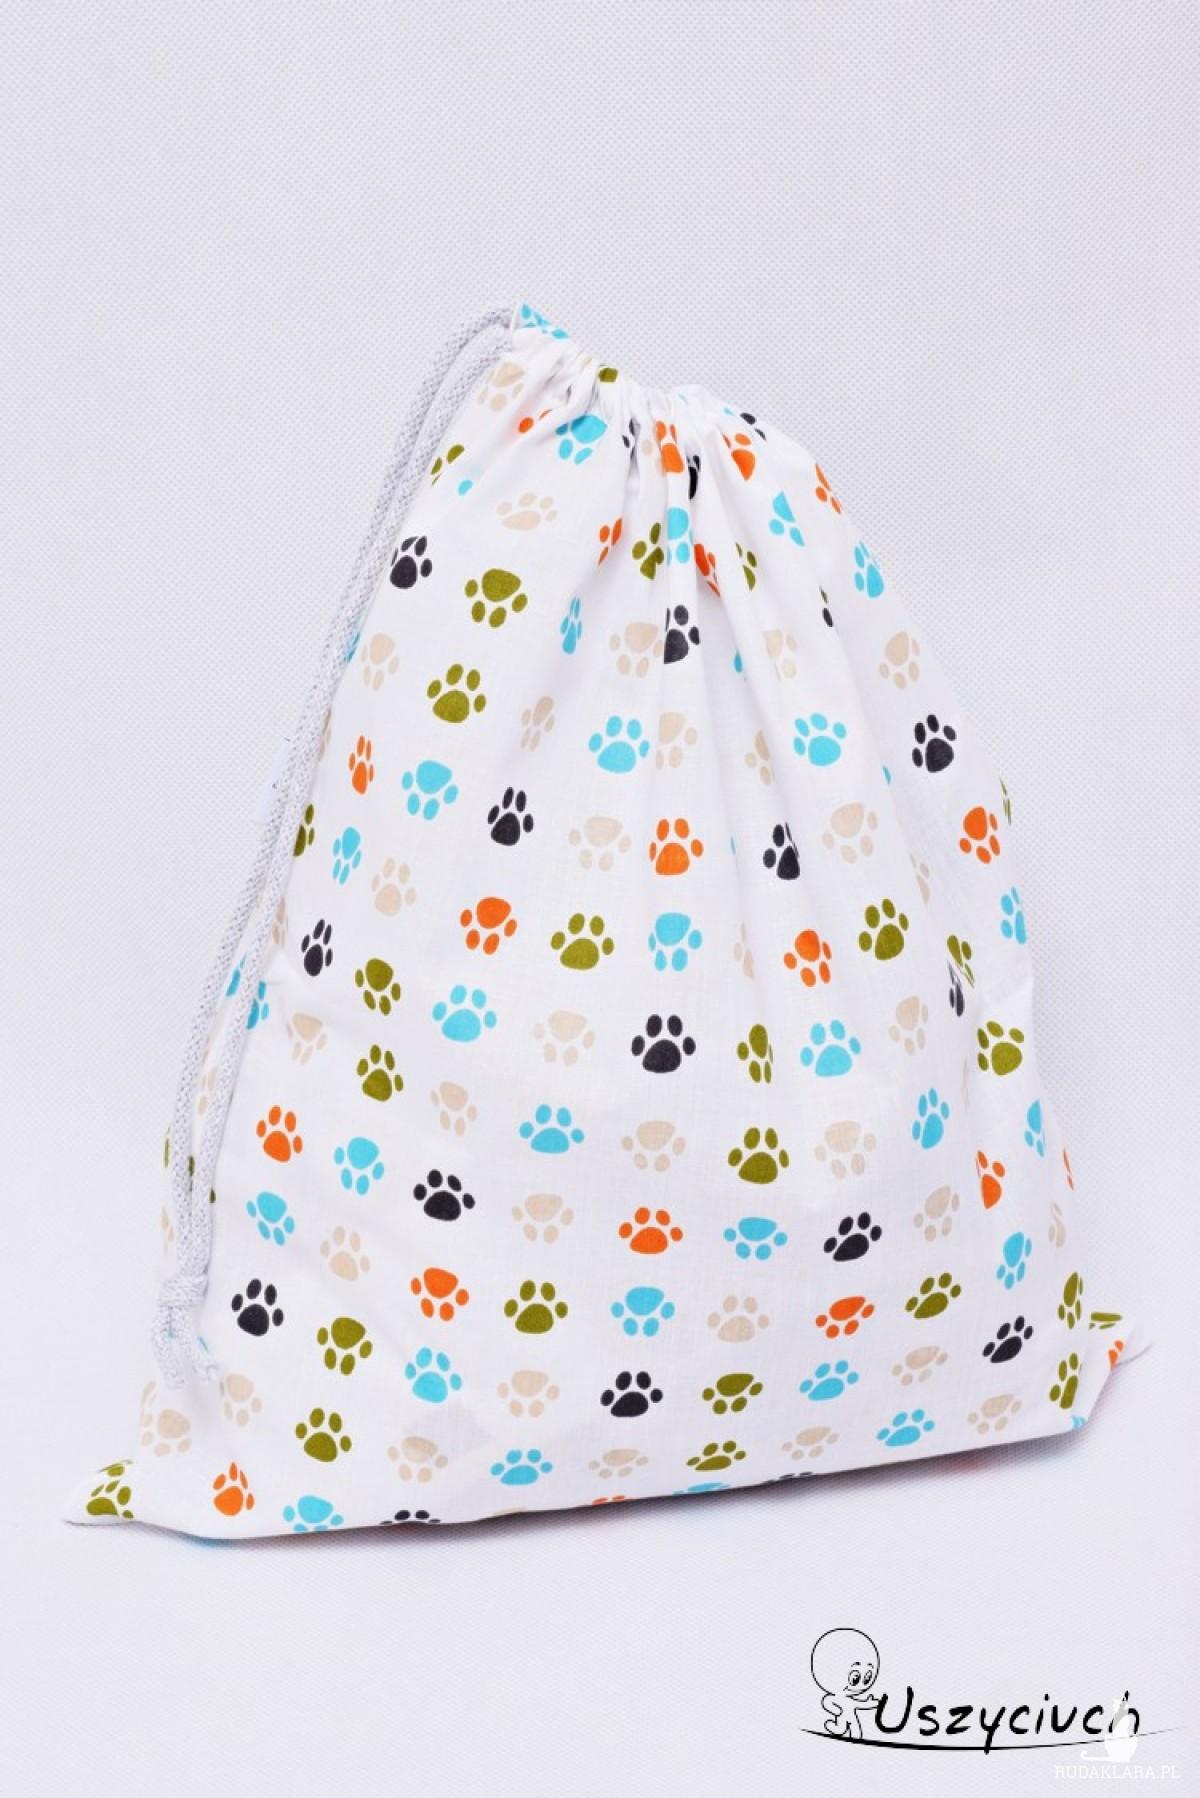 Worek na buty worek na kapcie do przedszkola do szkoły worek szkolny na ubrania psie łapki